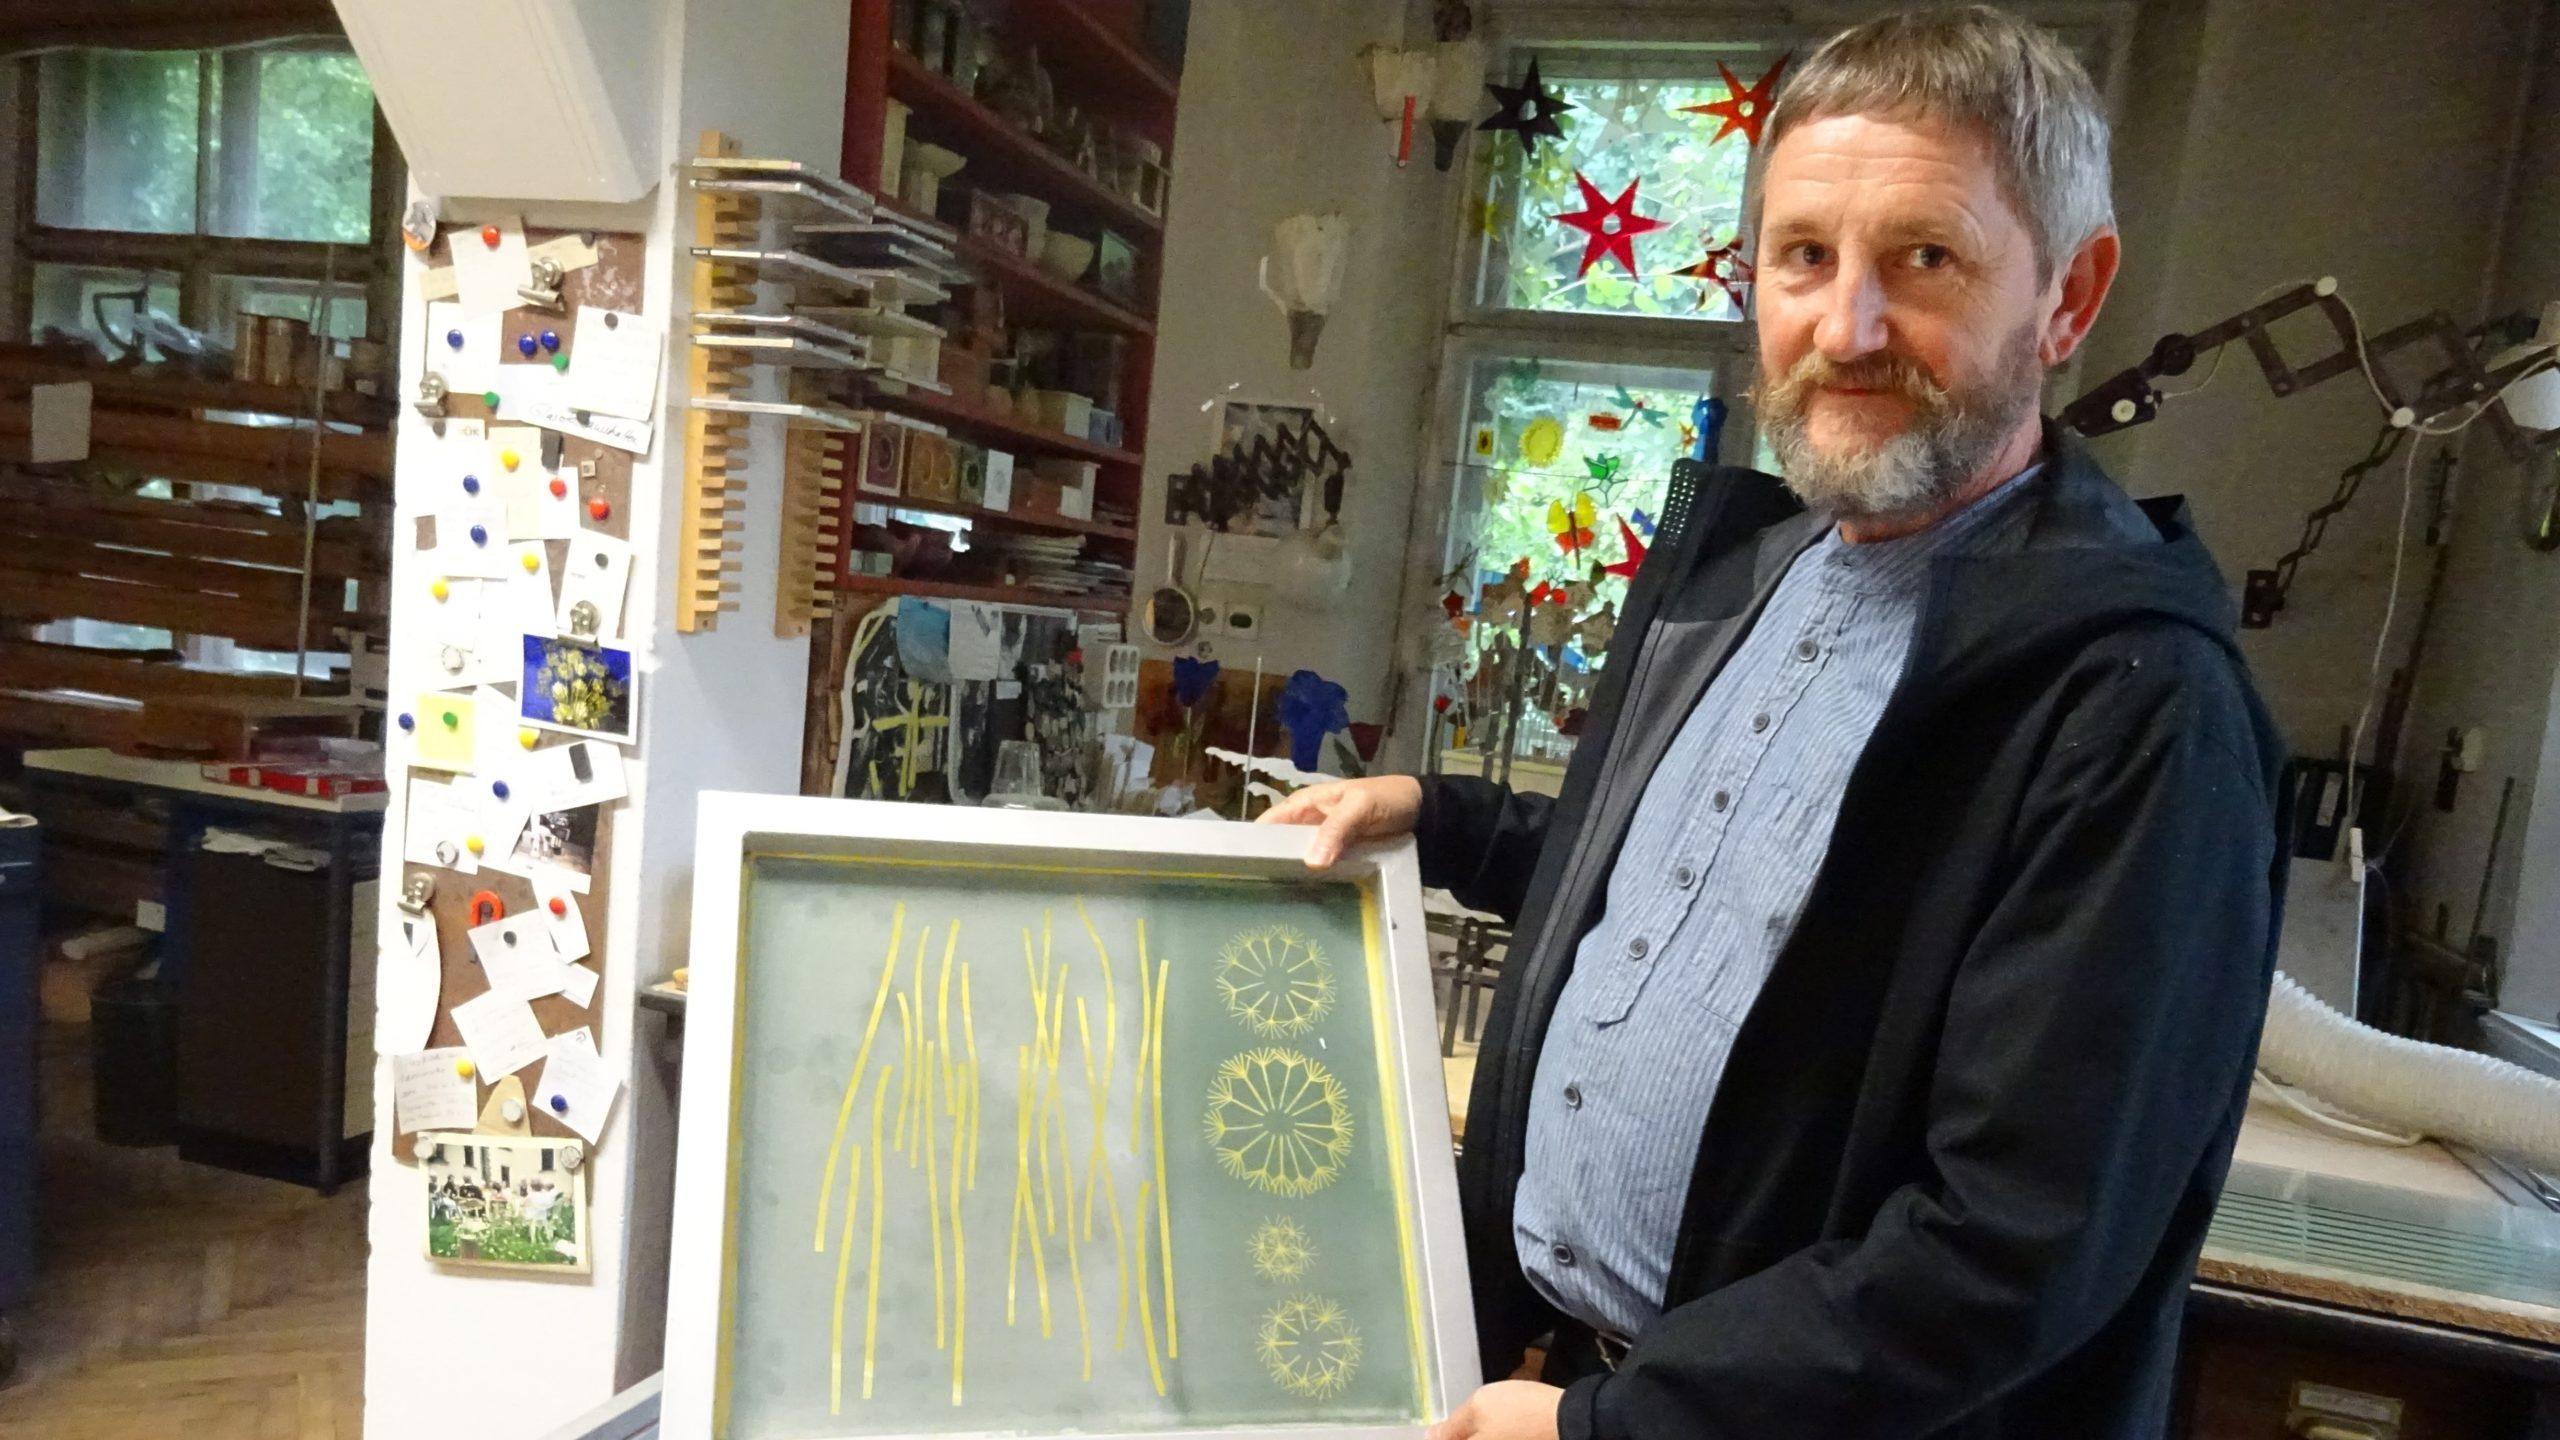 2020-11-13-Uwe Hempel mit Siebdruckvorlage Foto Antje Friedrich